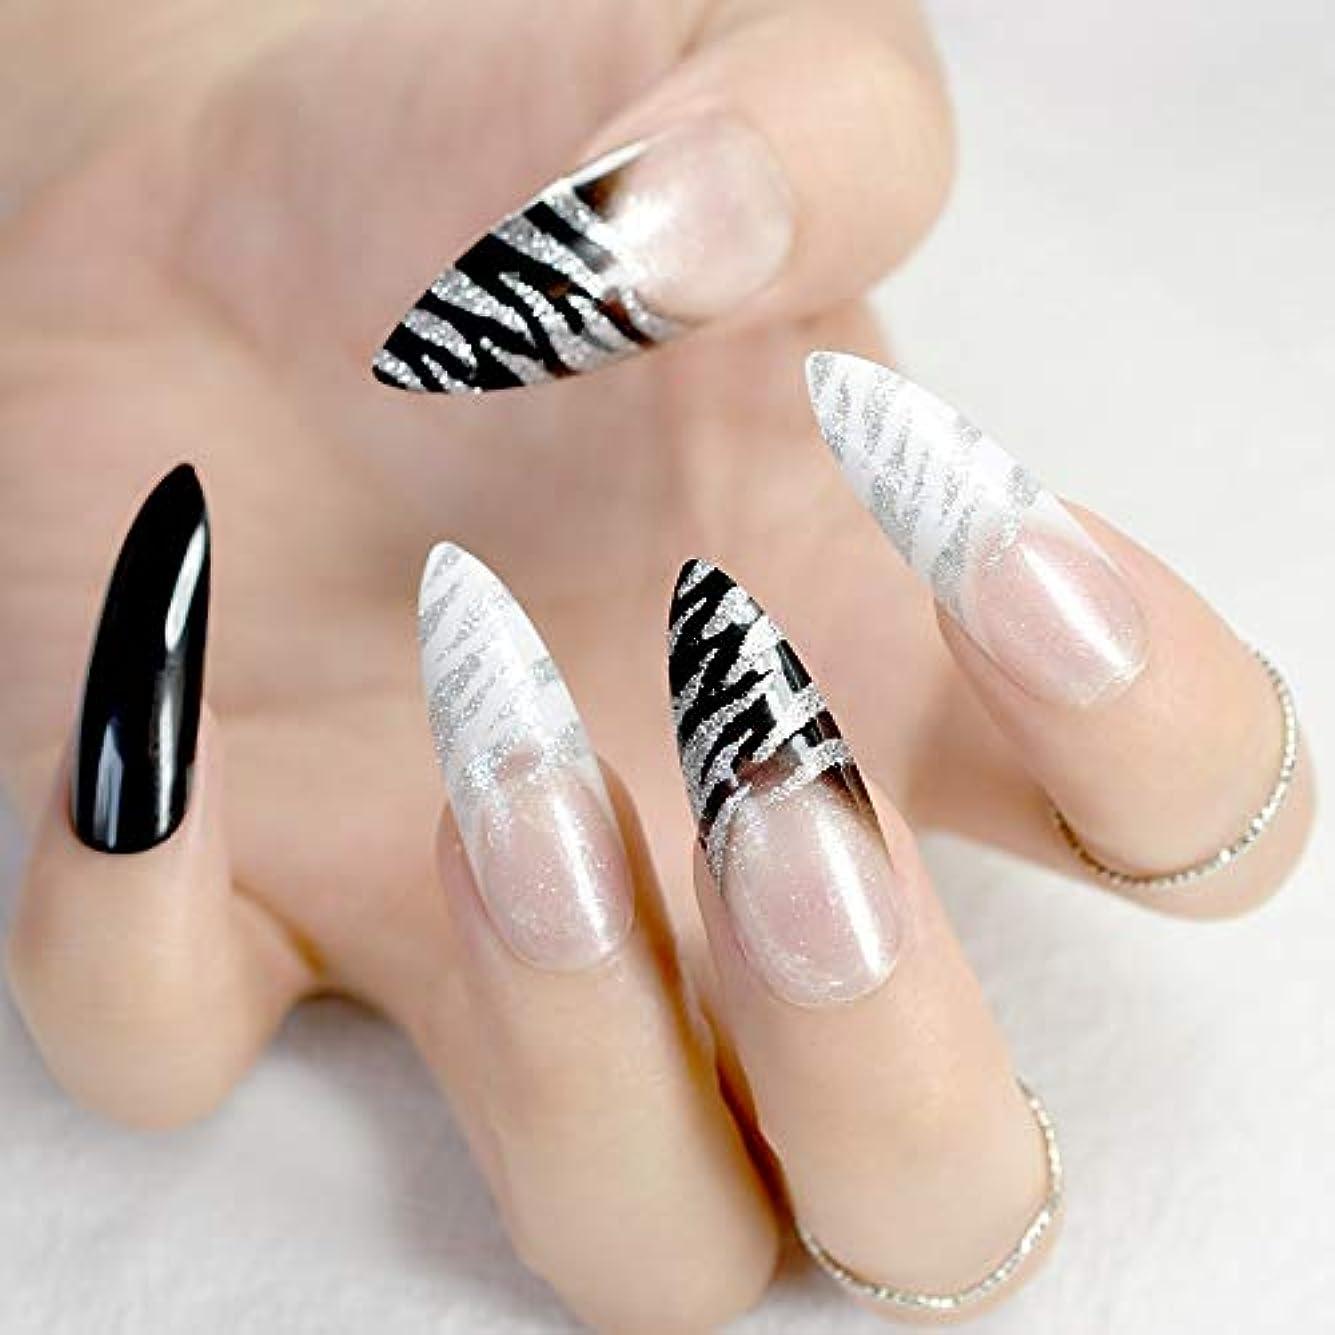 刺す前者ガードXUTXZKA 24ピースファッションアクリル尖った偽爪スティレット爪クリアキラキラフレンチネイルマニキュアのヒントフルカバー製品